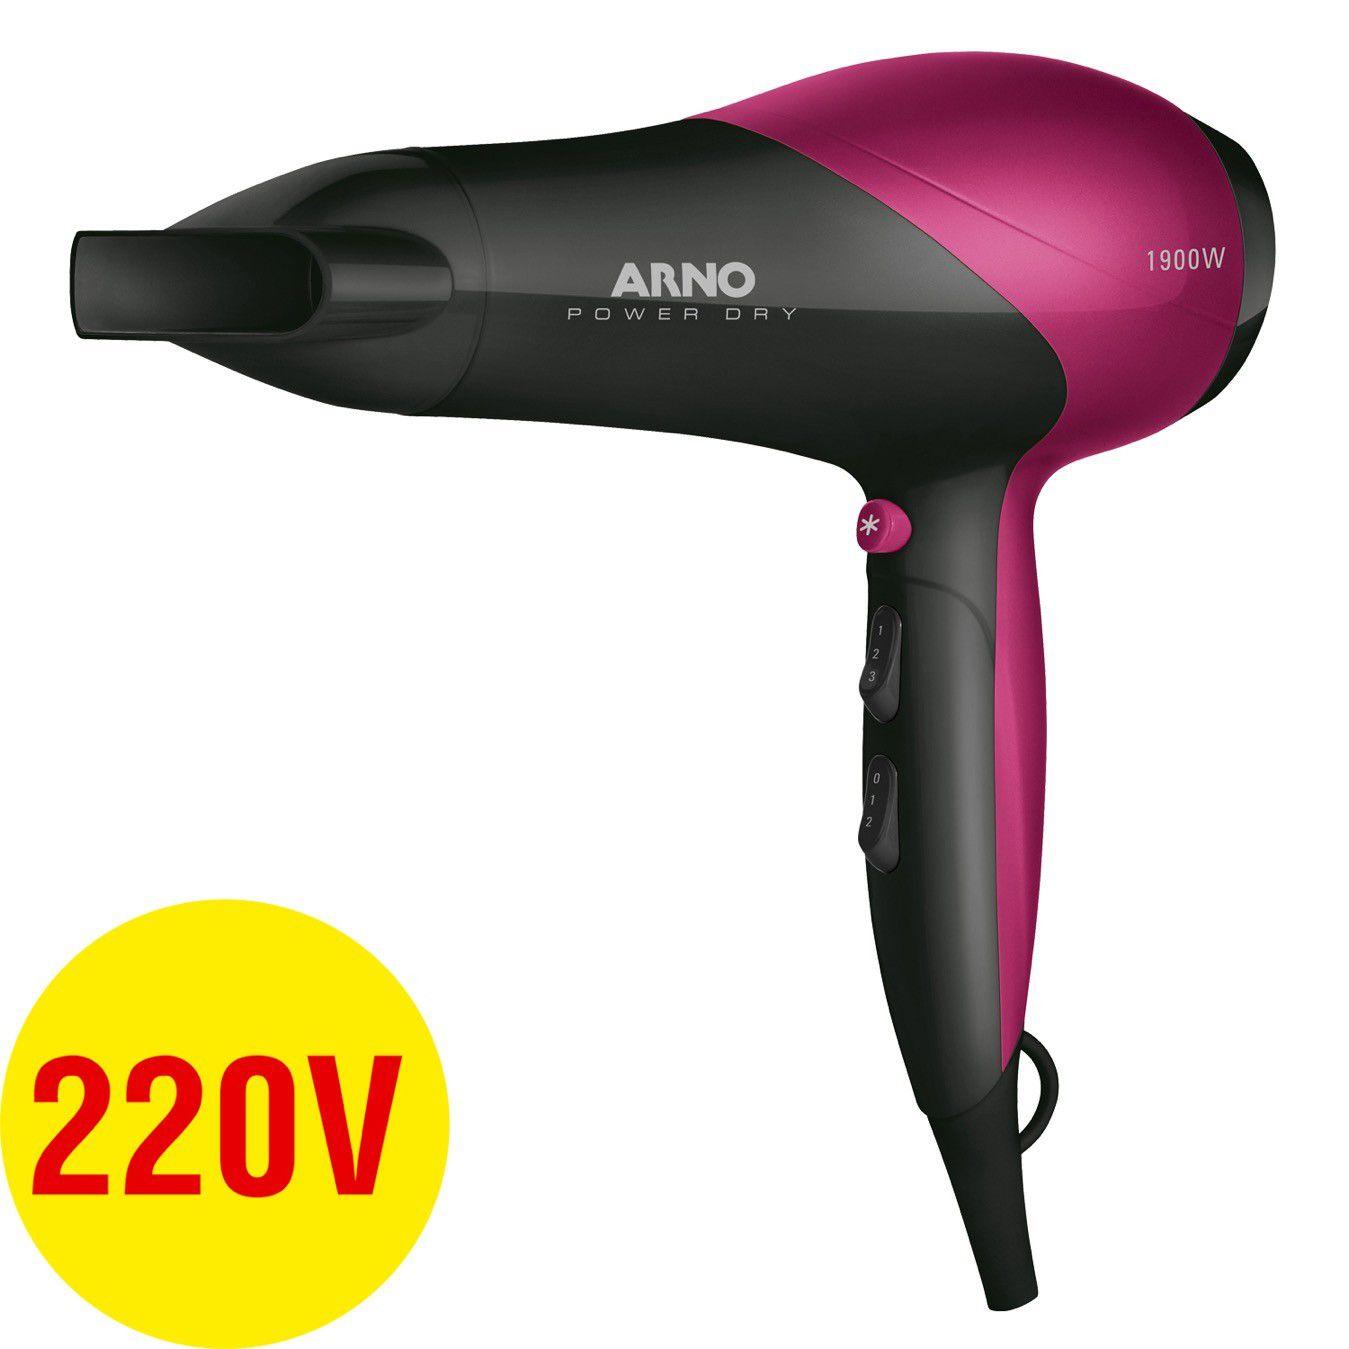 Secador Cabelo Power Dry 220V Arno